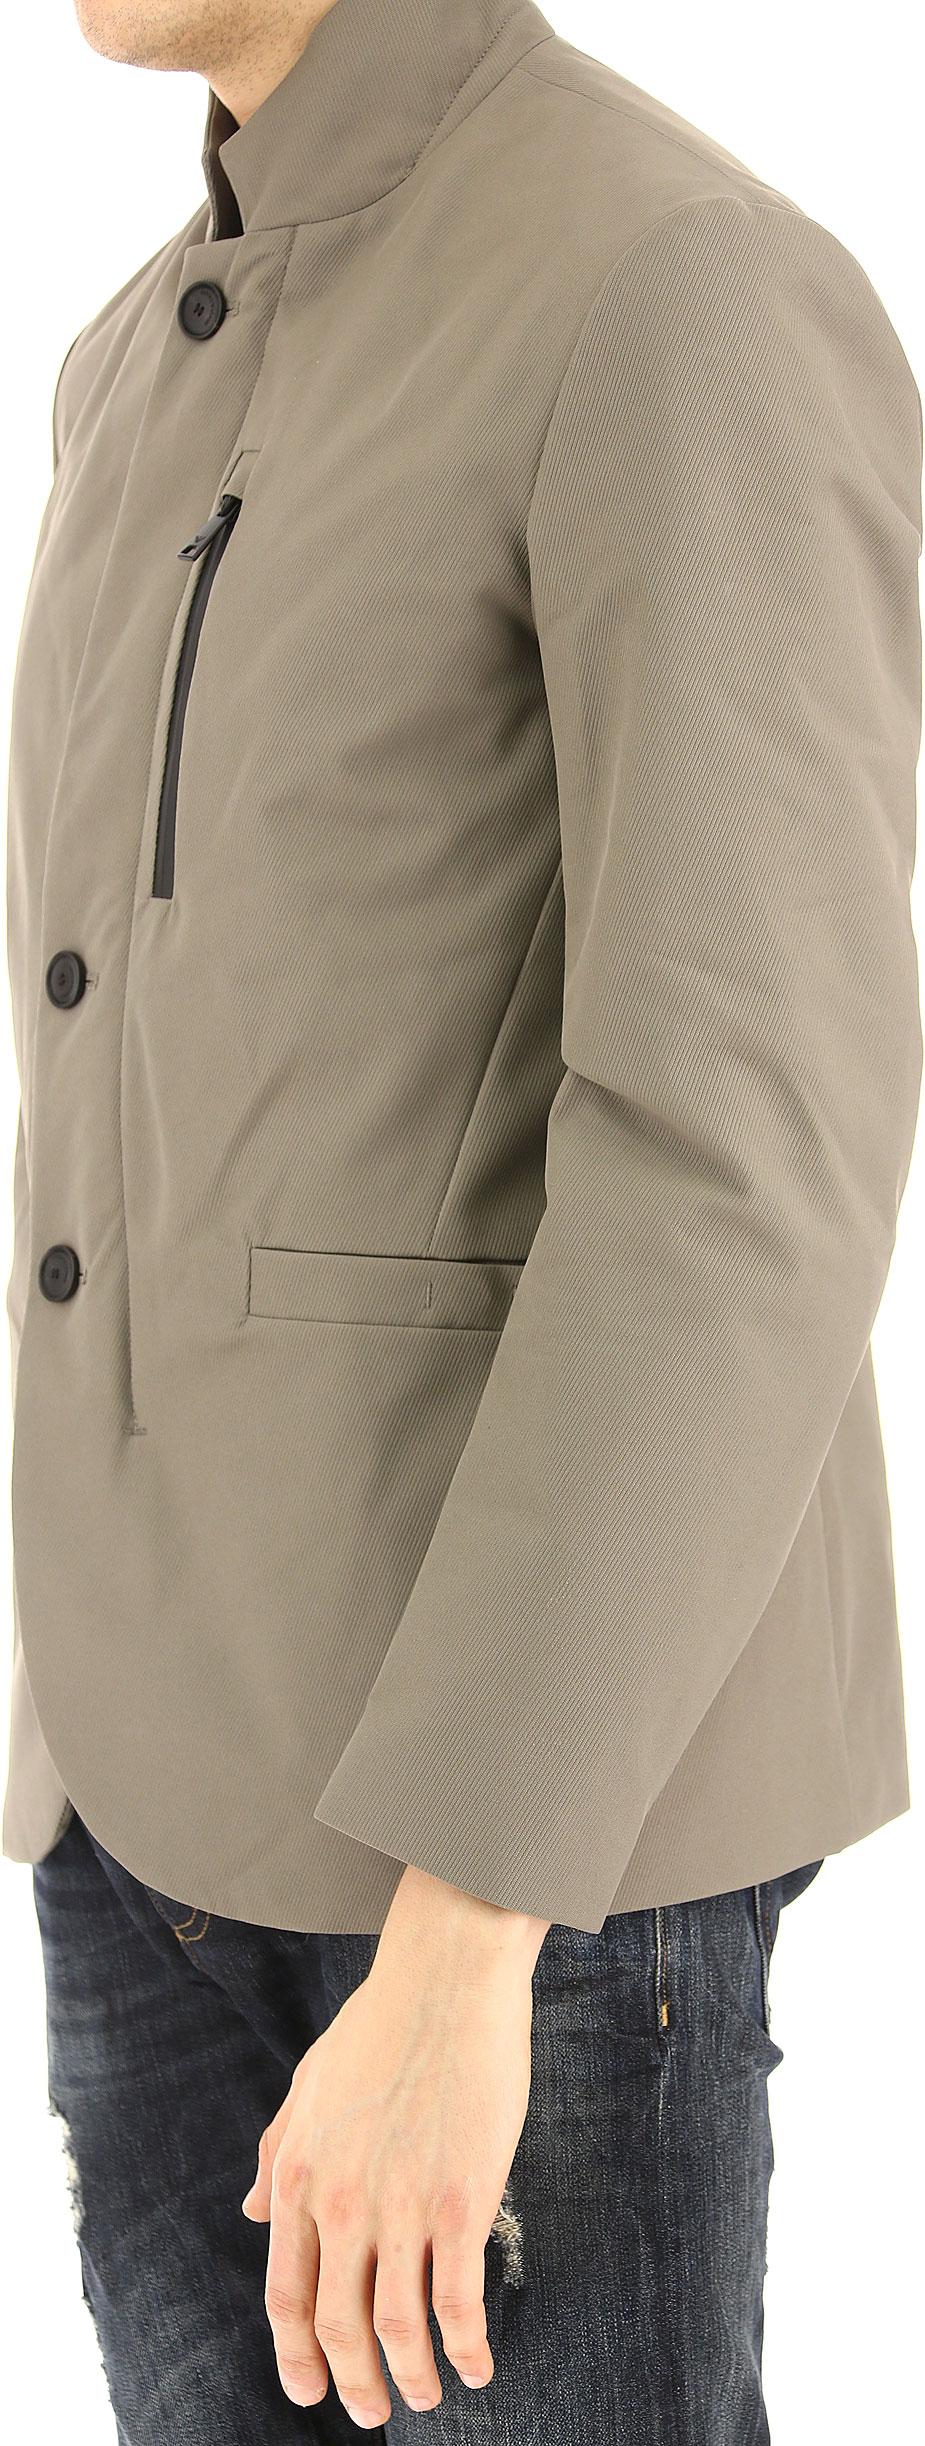 120 Abbigliamento Armani Articolo Abbigliamento Uomo Emporio Armani Emporio Codice w1w07 Codice w1g33w Uomo 7r7qR